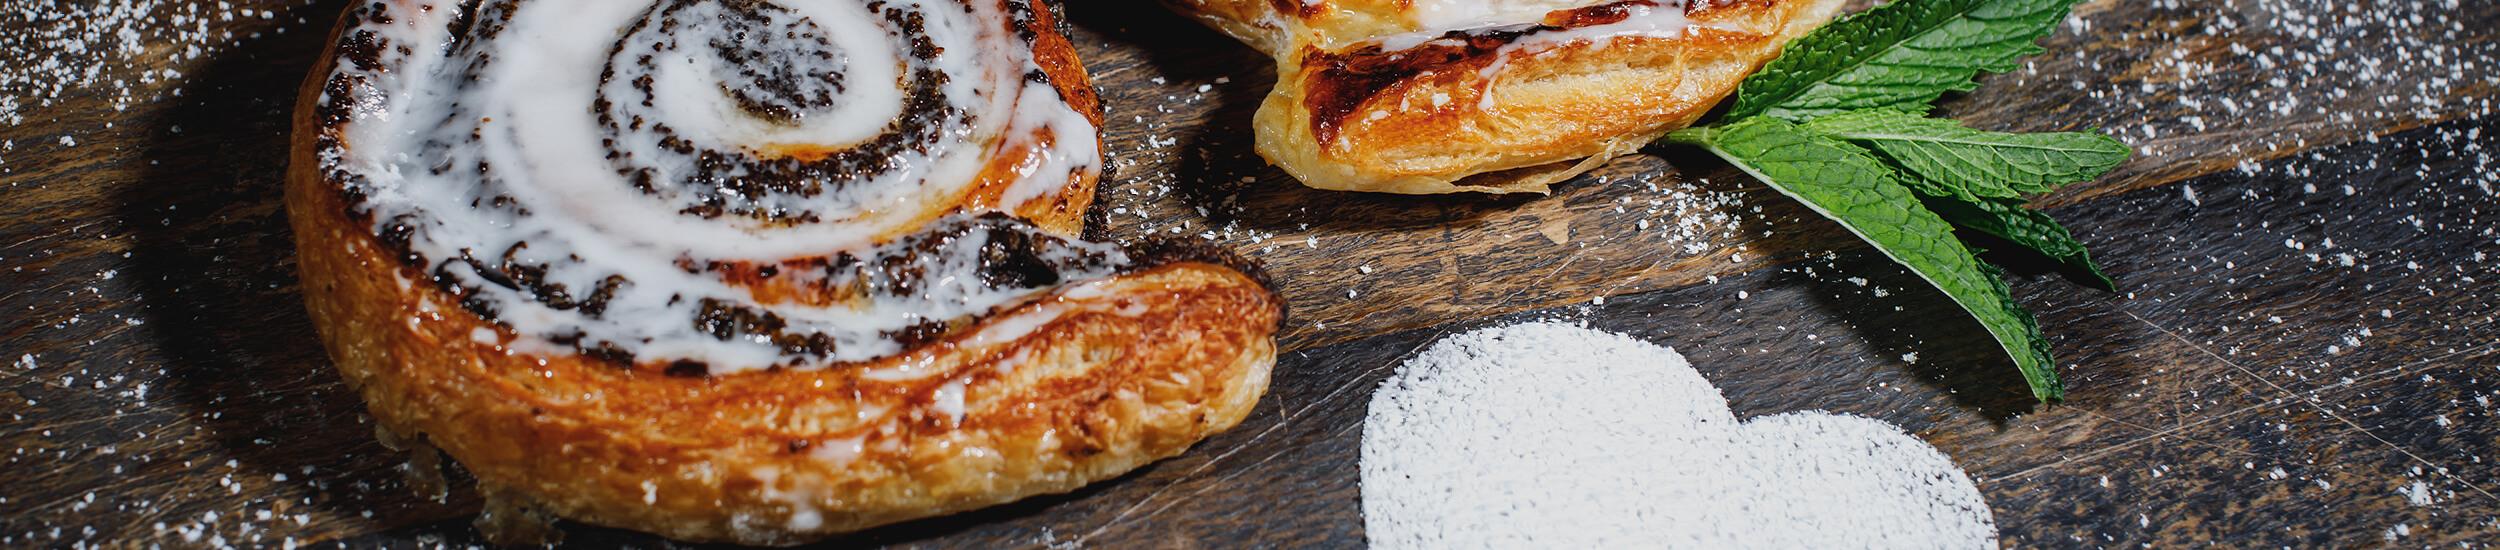 Bäckerei Illgen - Kleingebäck